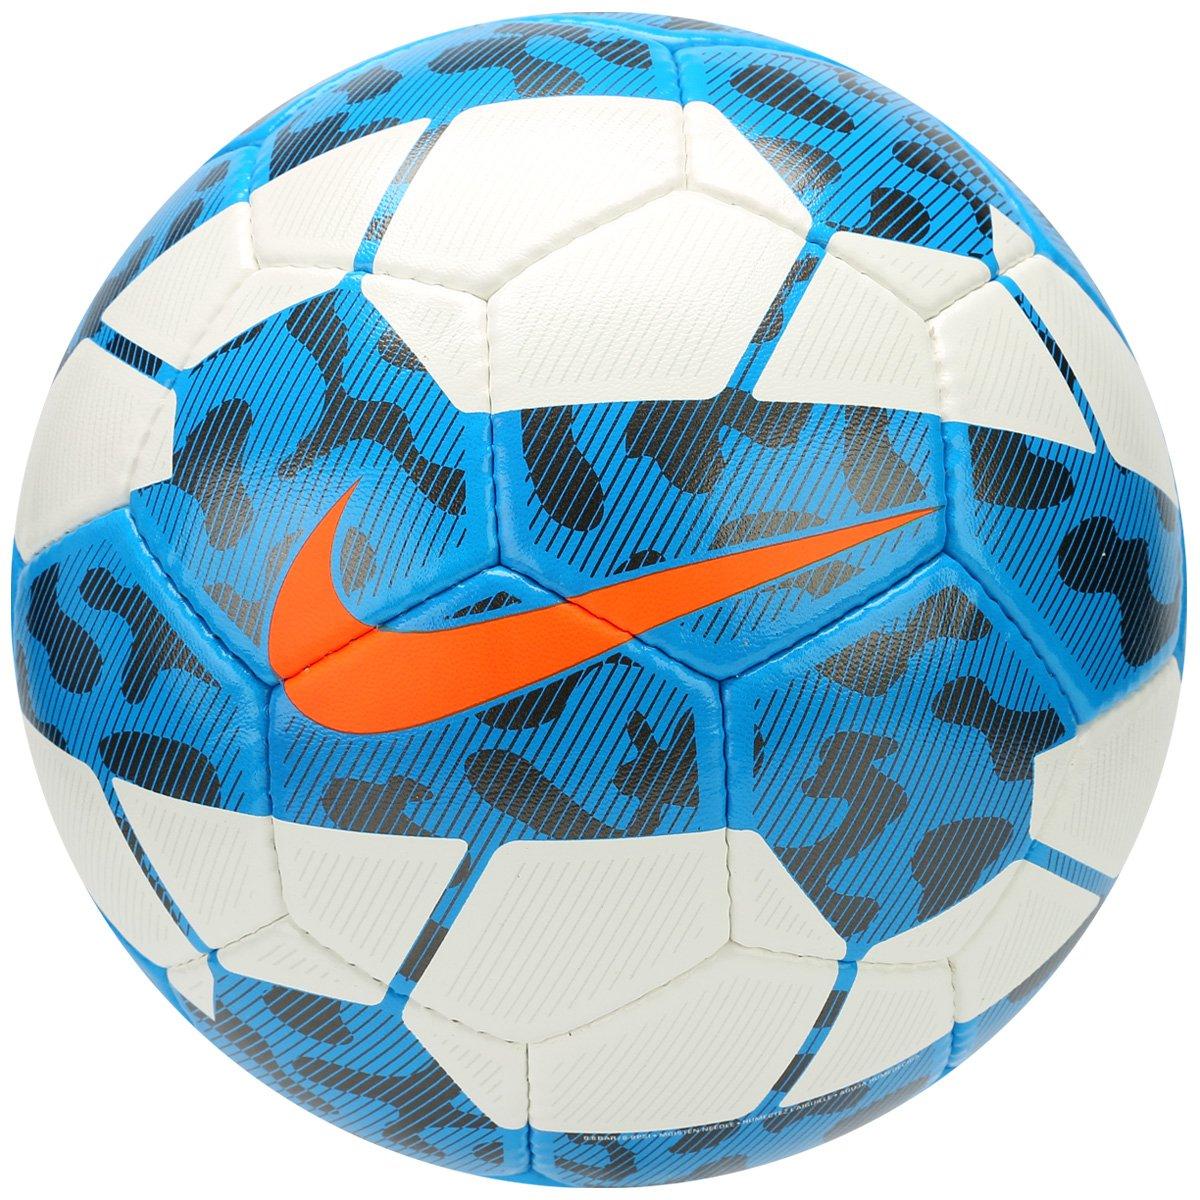 4b2be629db7f9 Bola Futebol Nike Rolinho Clube Futsal - Compre Agora